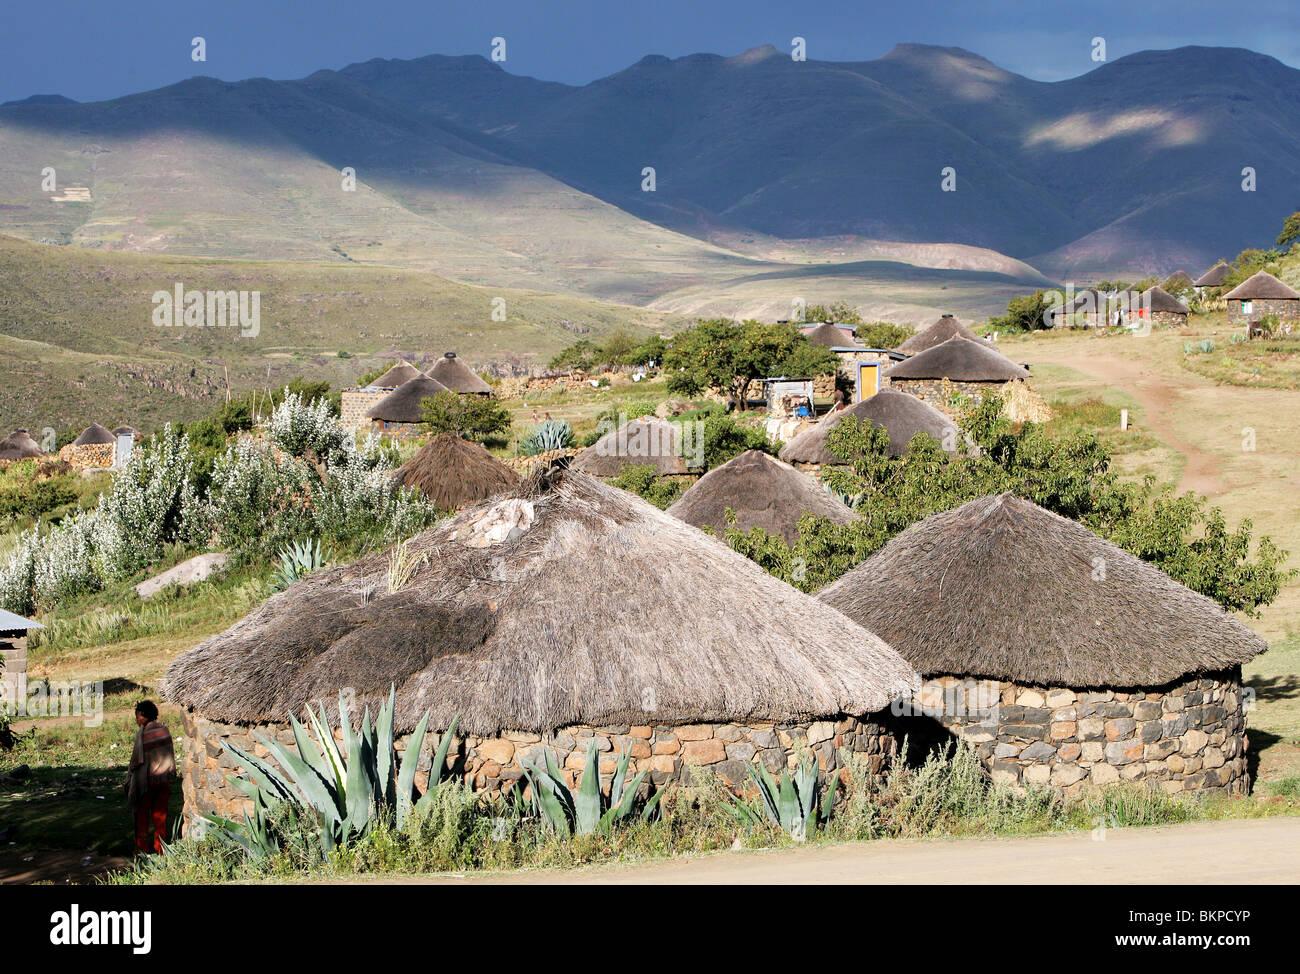 Tradizionale Basotho rondoval casa fatta di pietra con un tetto di paglia in Lesotho, Sud Africa Immagini Stock